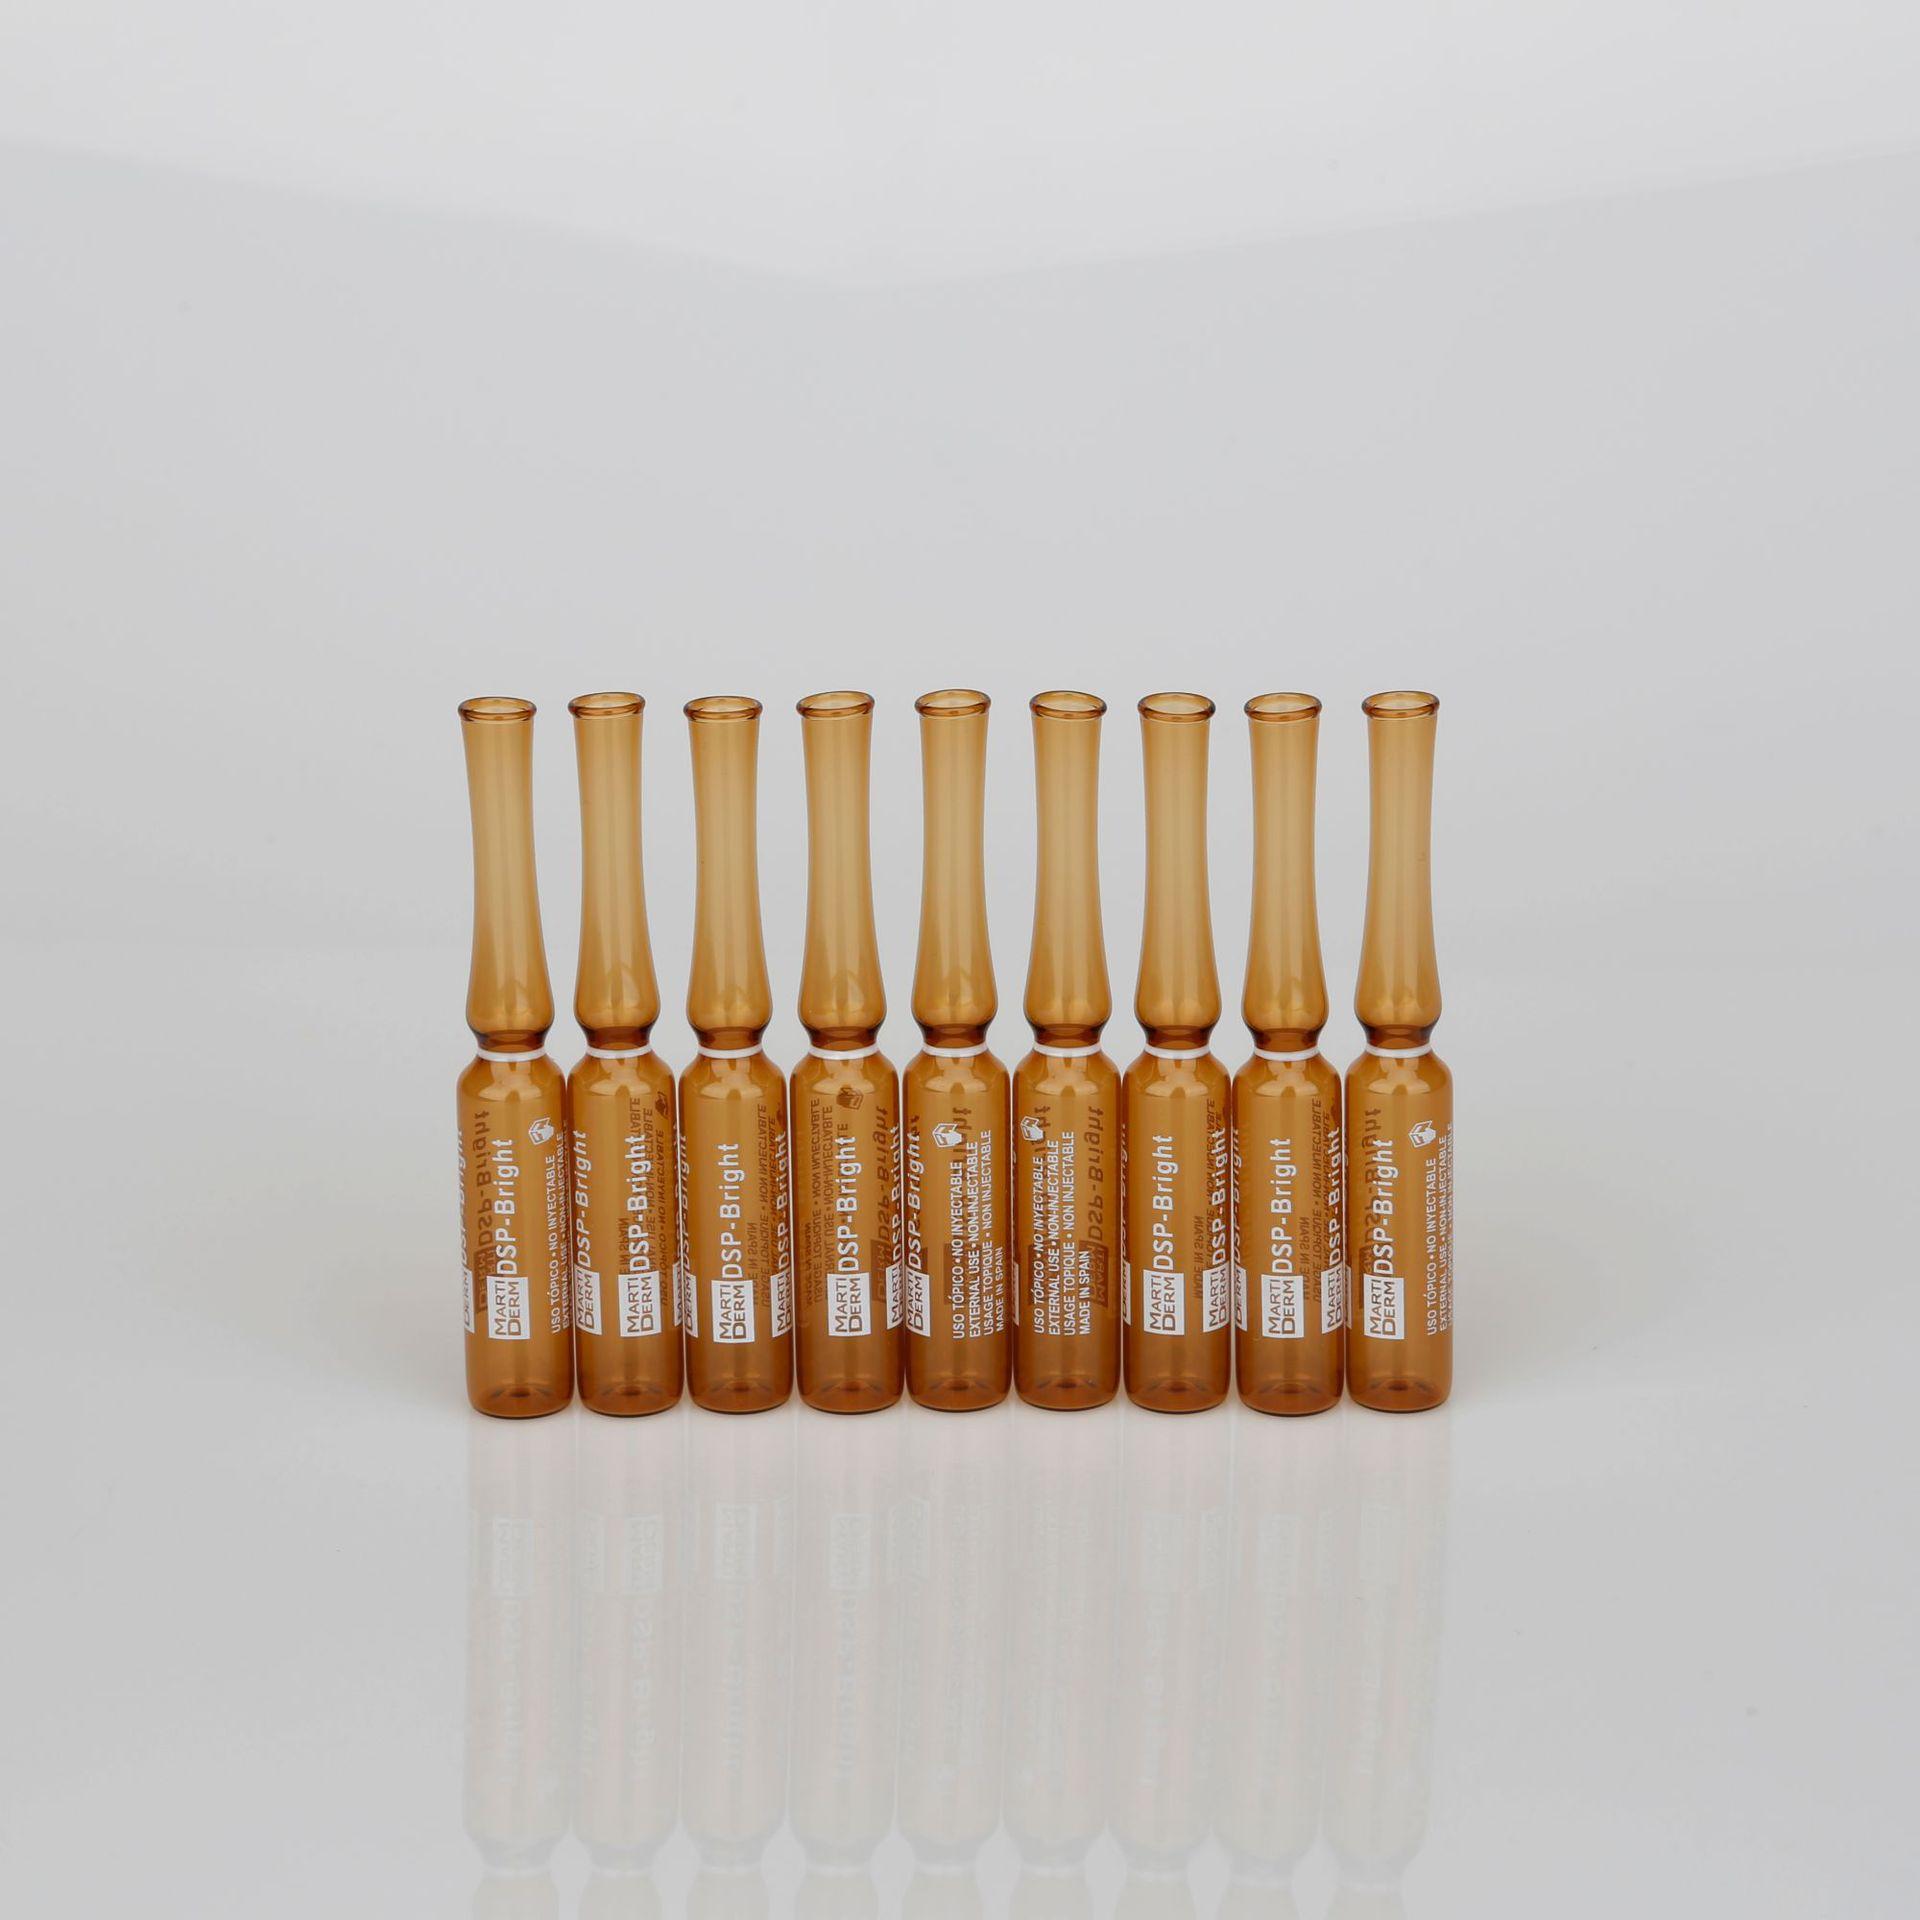 安瓿瓶生产厂家,易折瓶生产厂家,针剂瓶生产厂家